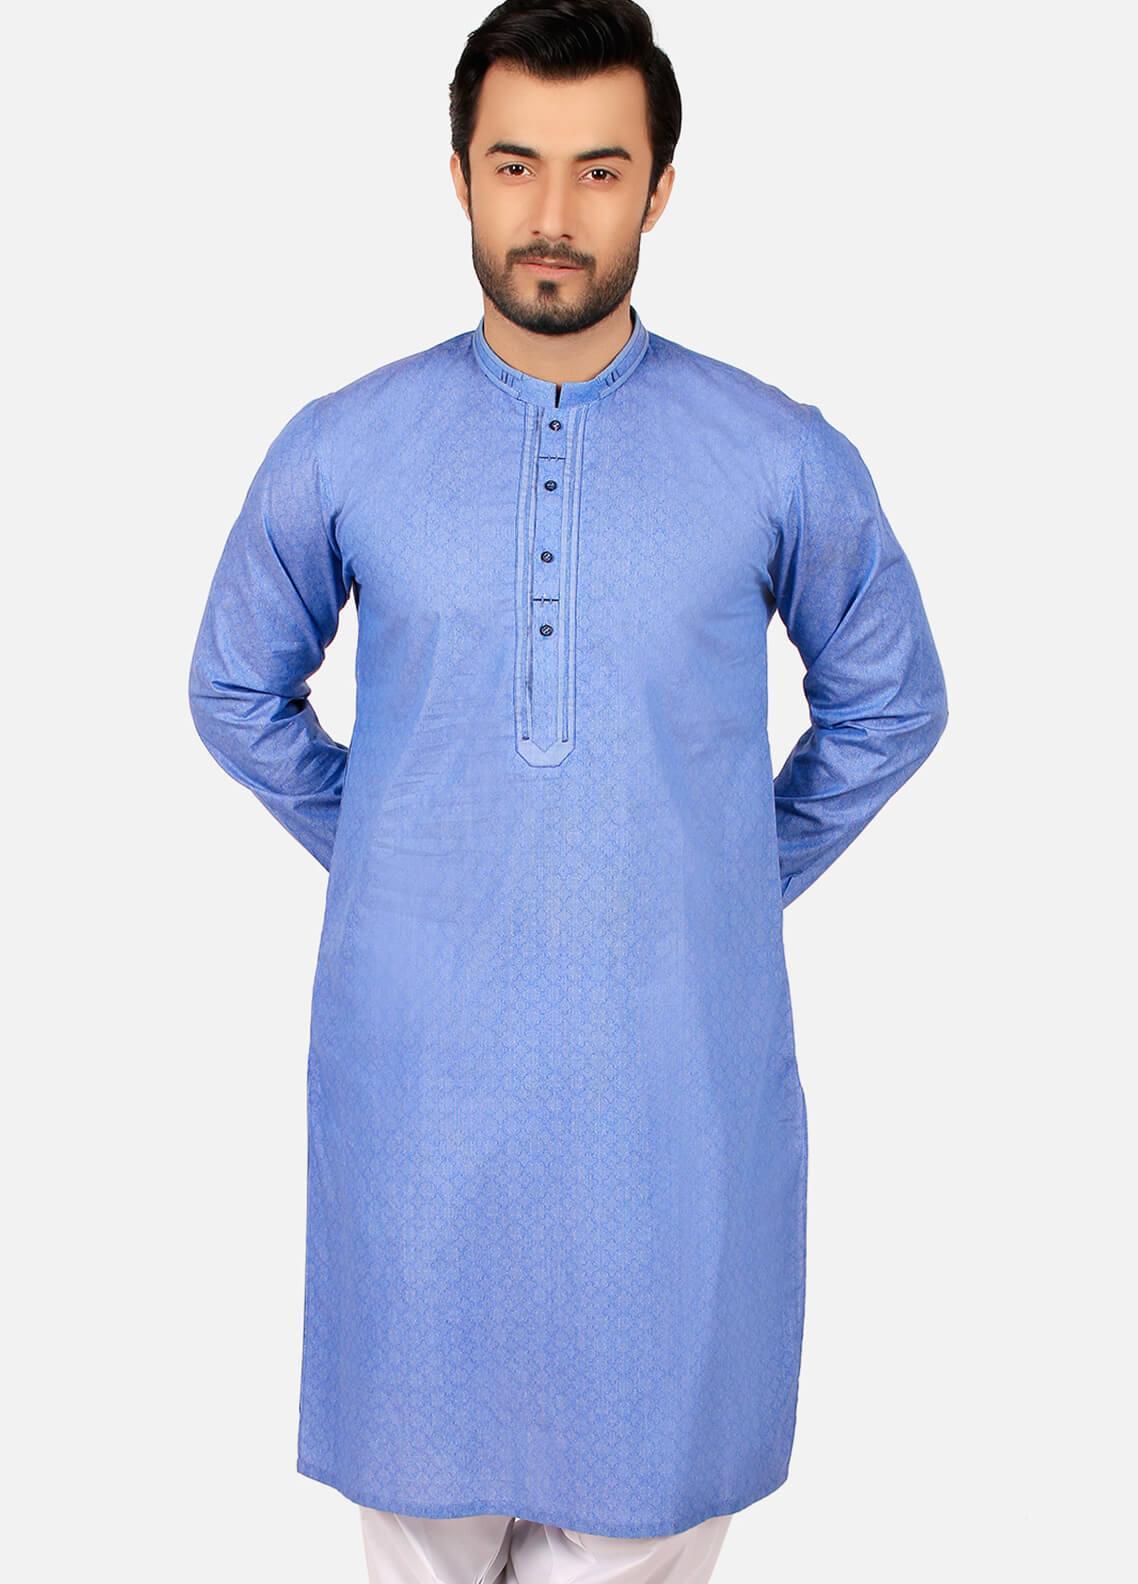 Edenrobe Cotton Formal Men Kurtas - Blue EMTK19S-9760